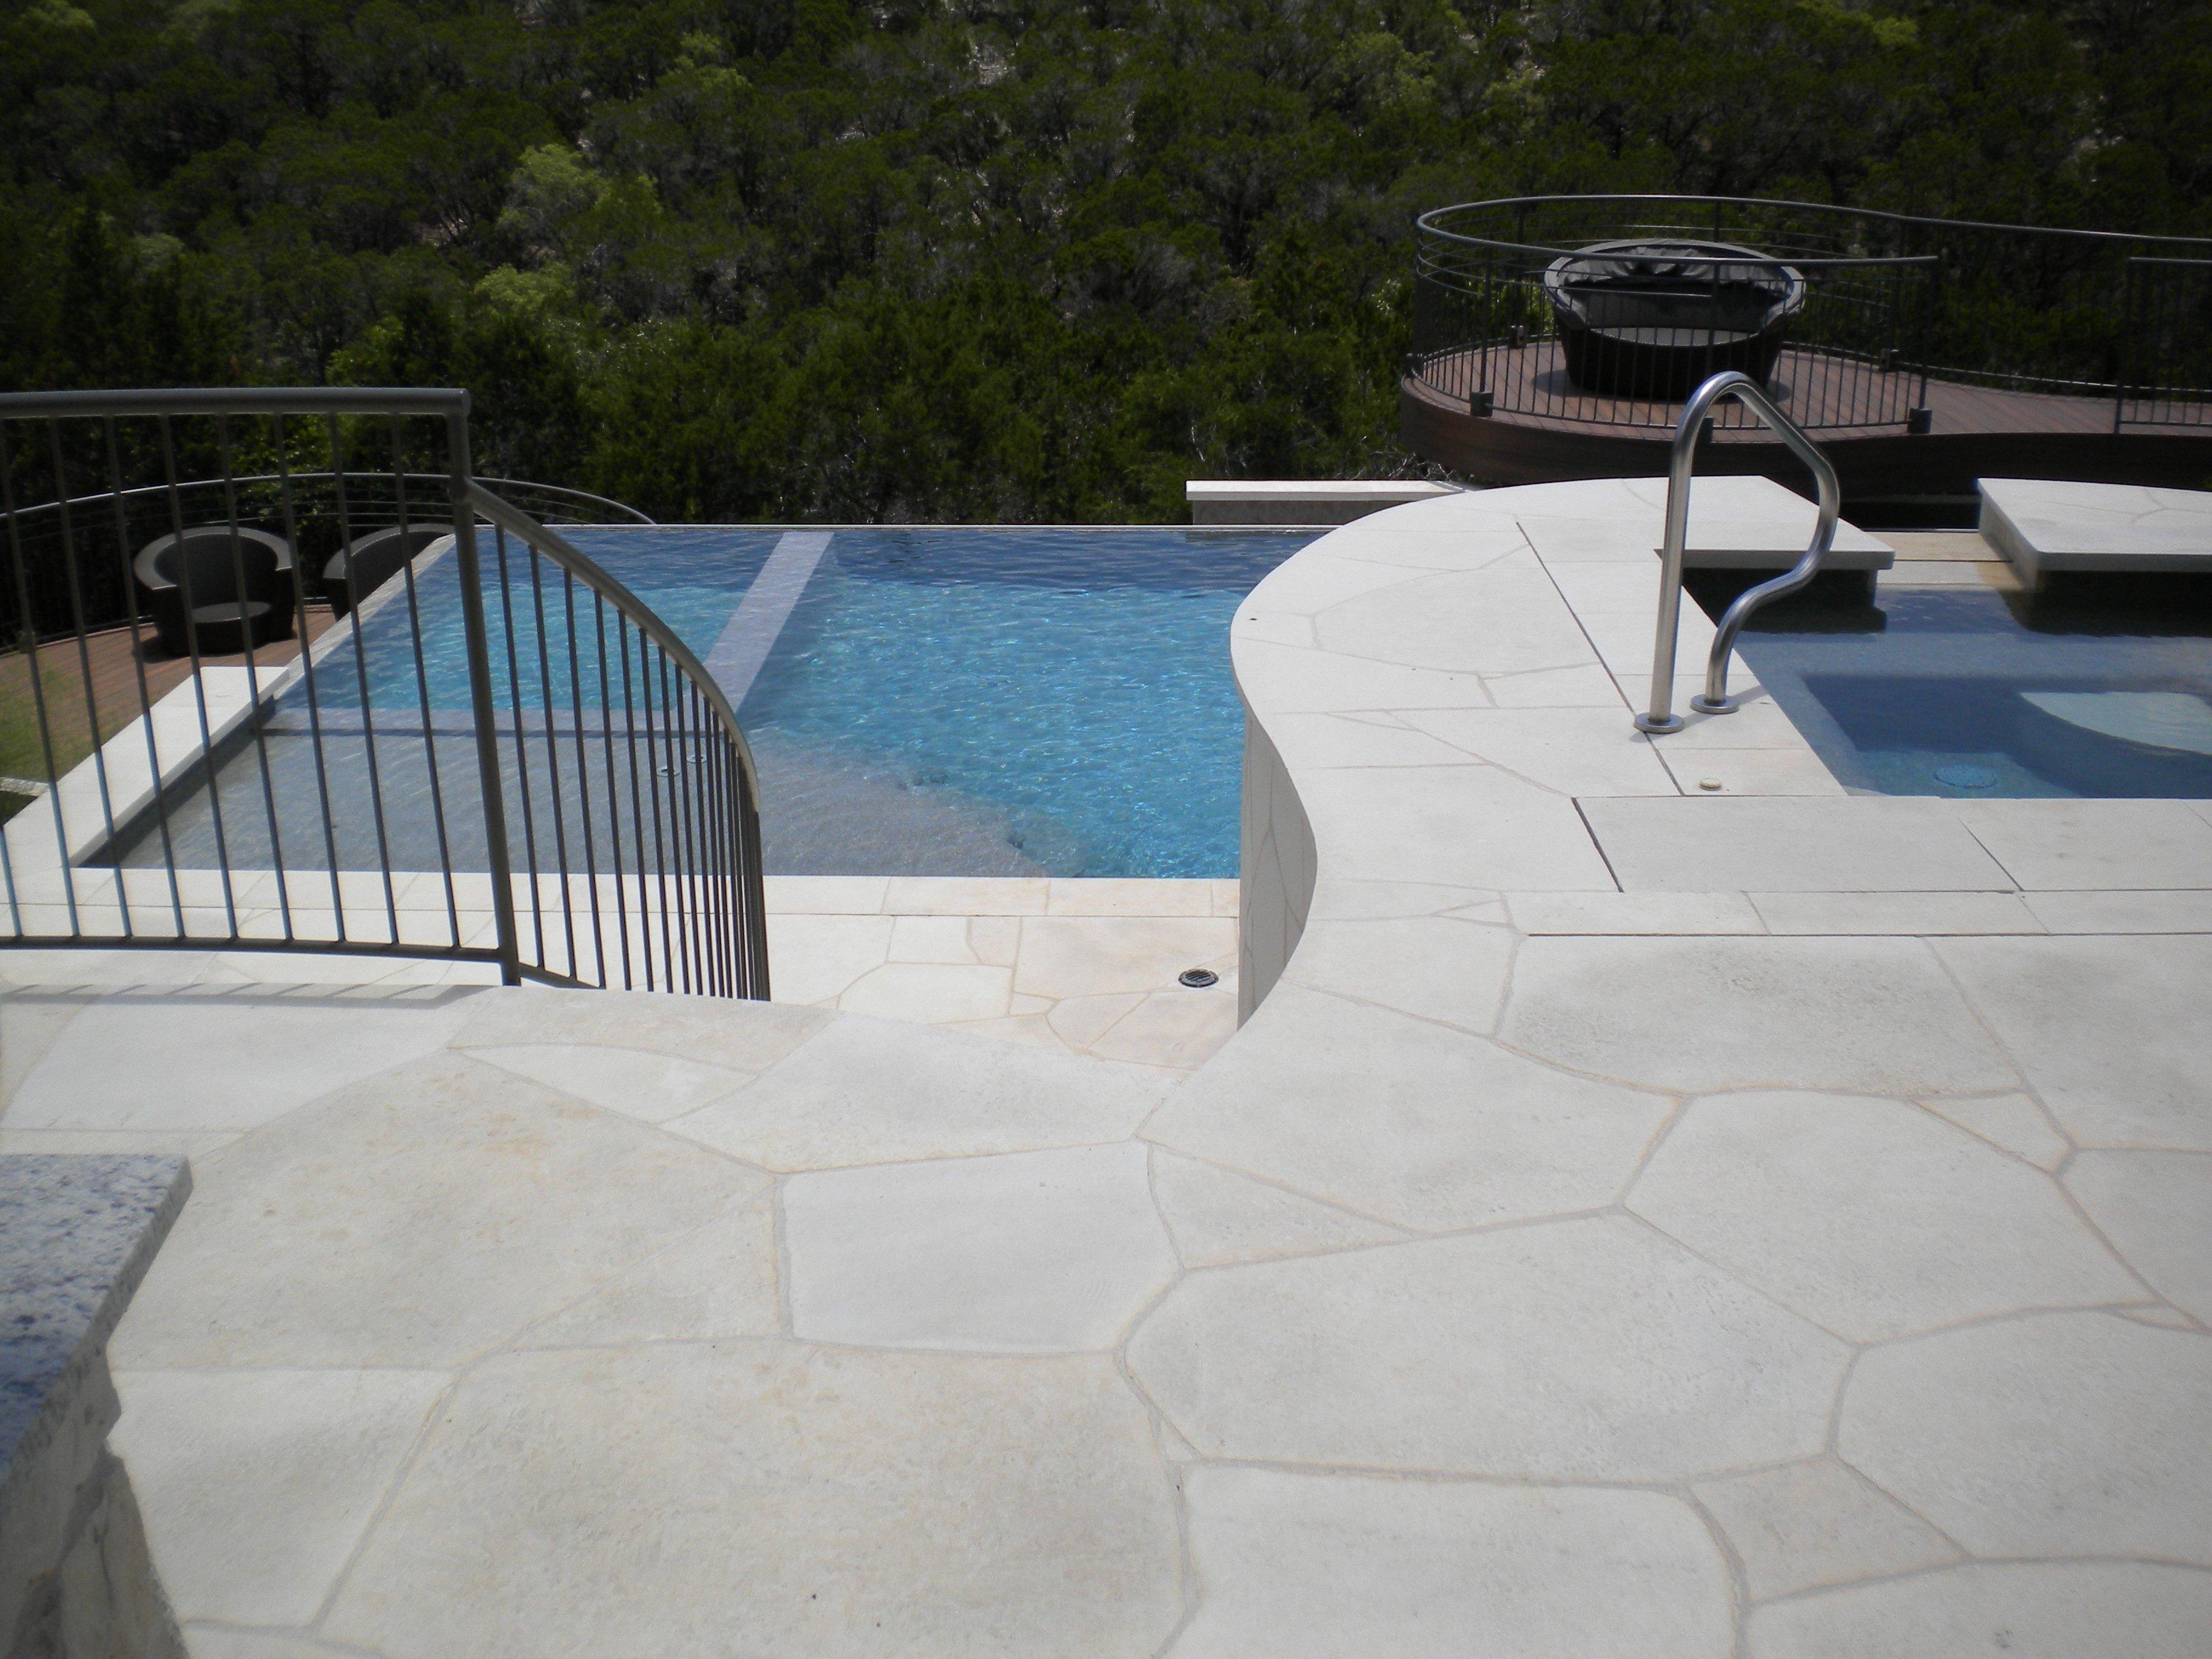 Custom Spa Raised 5ft. Above Pool